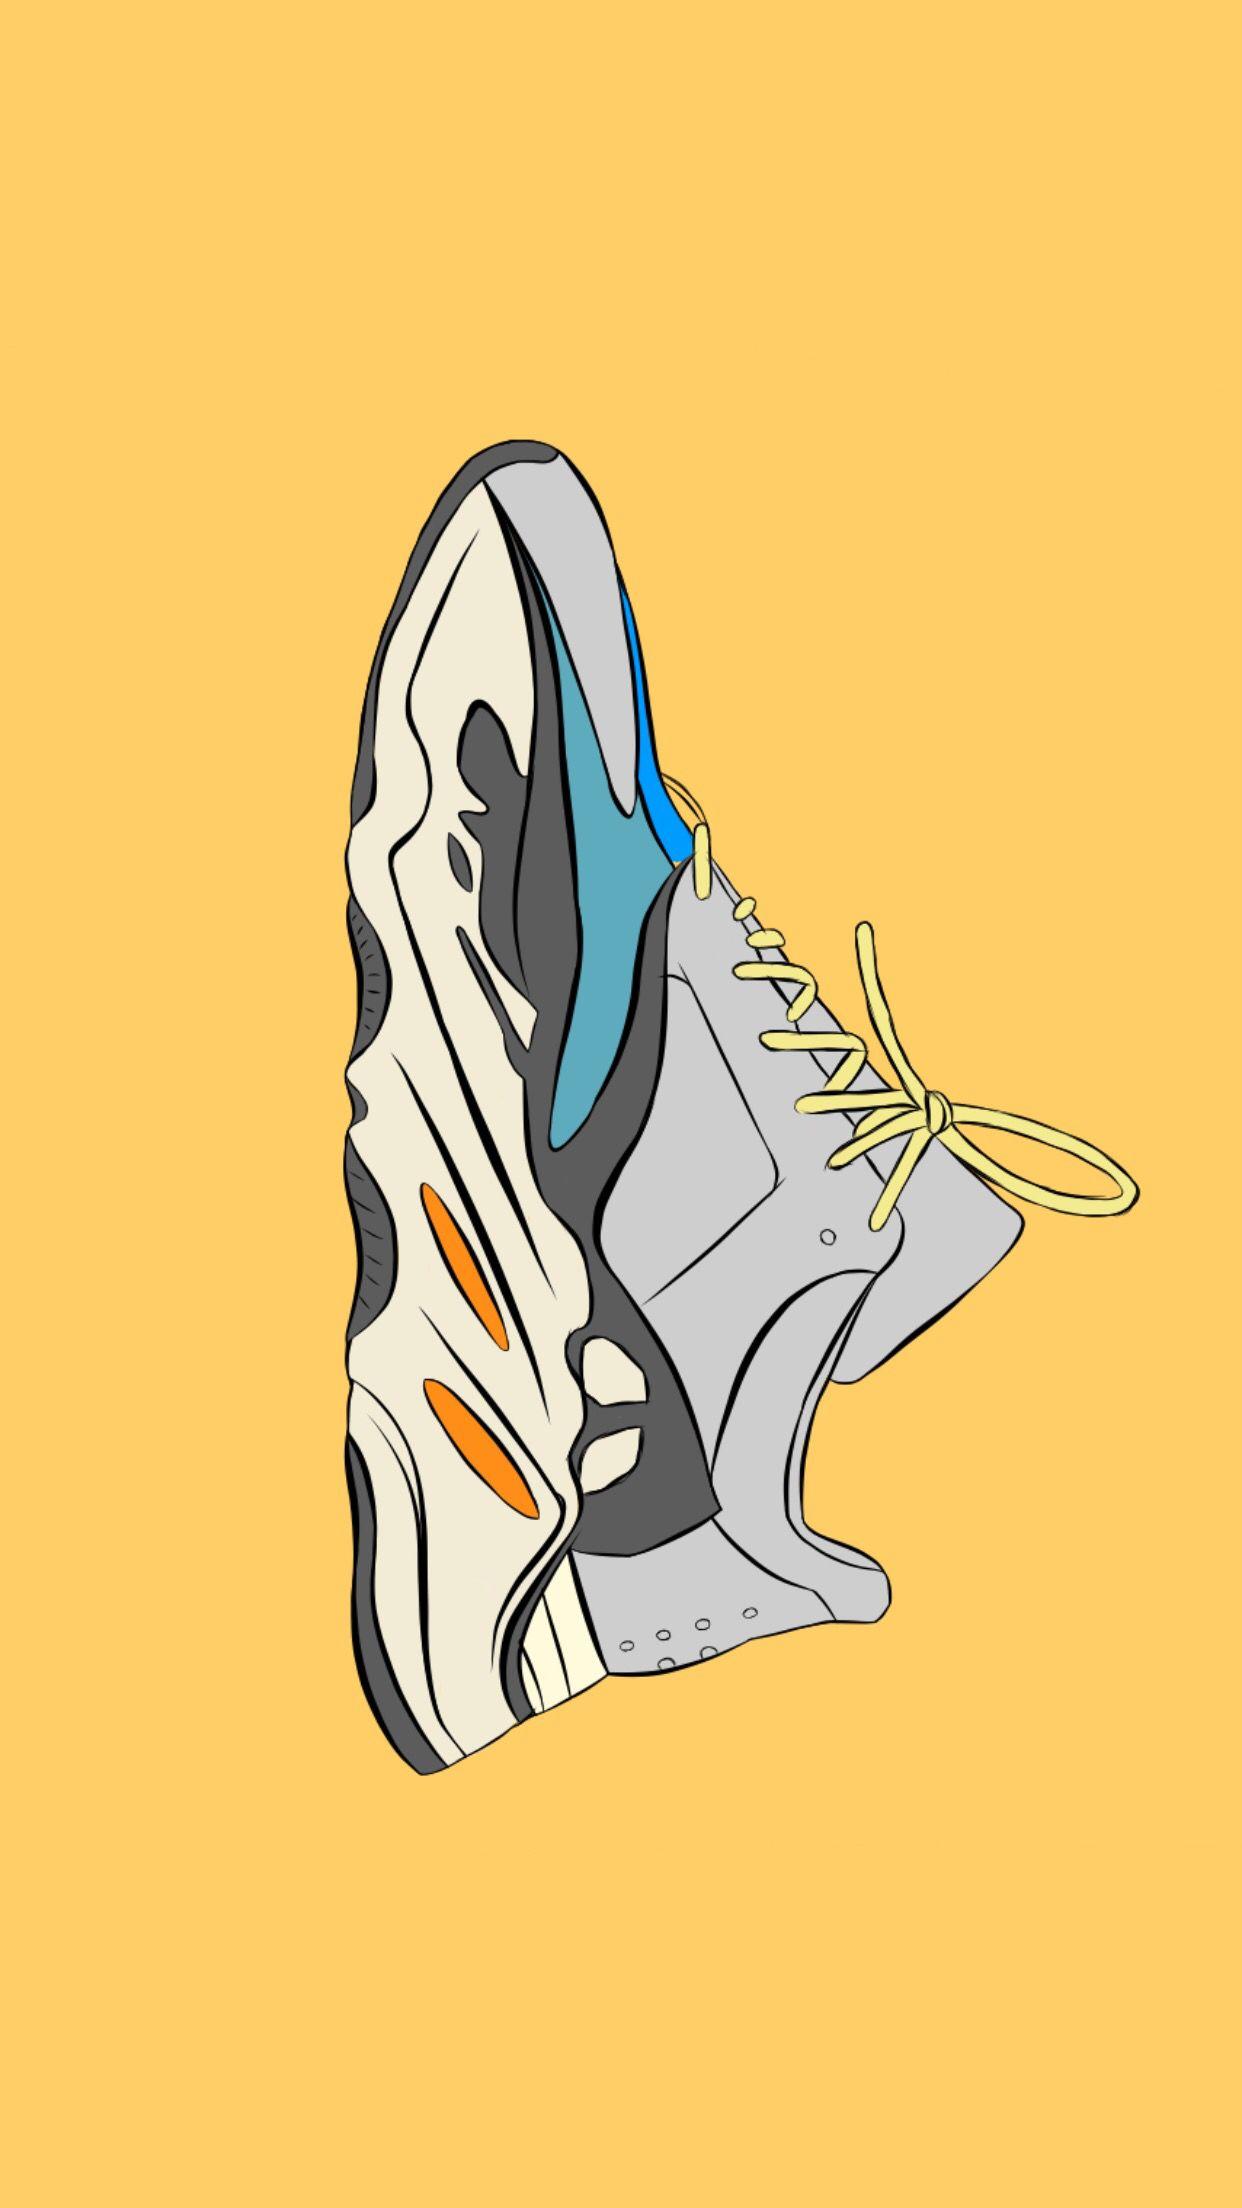 Yeezy 700 Sneakers Wallpaper Hypebeast Wallpaper Sneaker Art